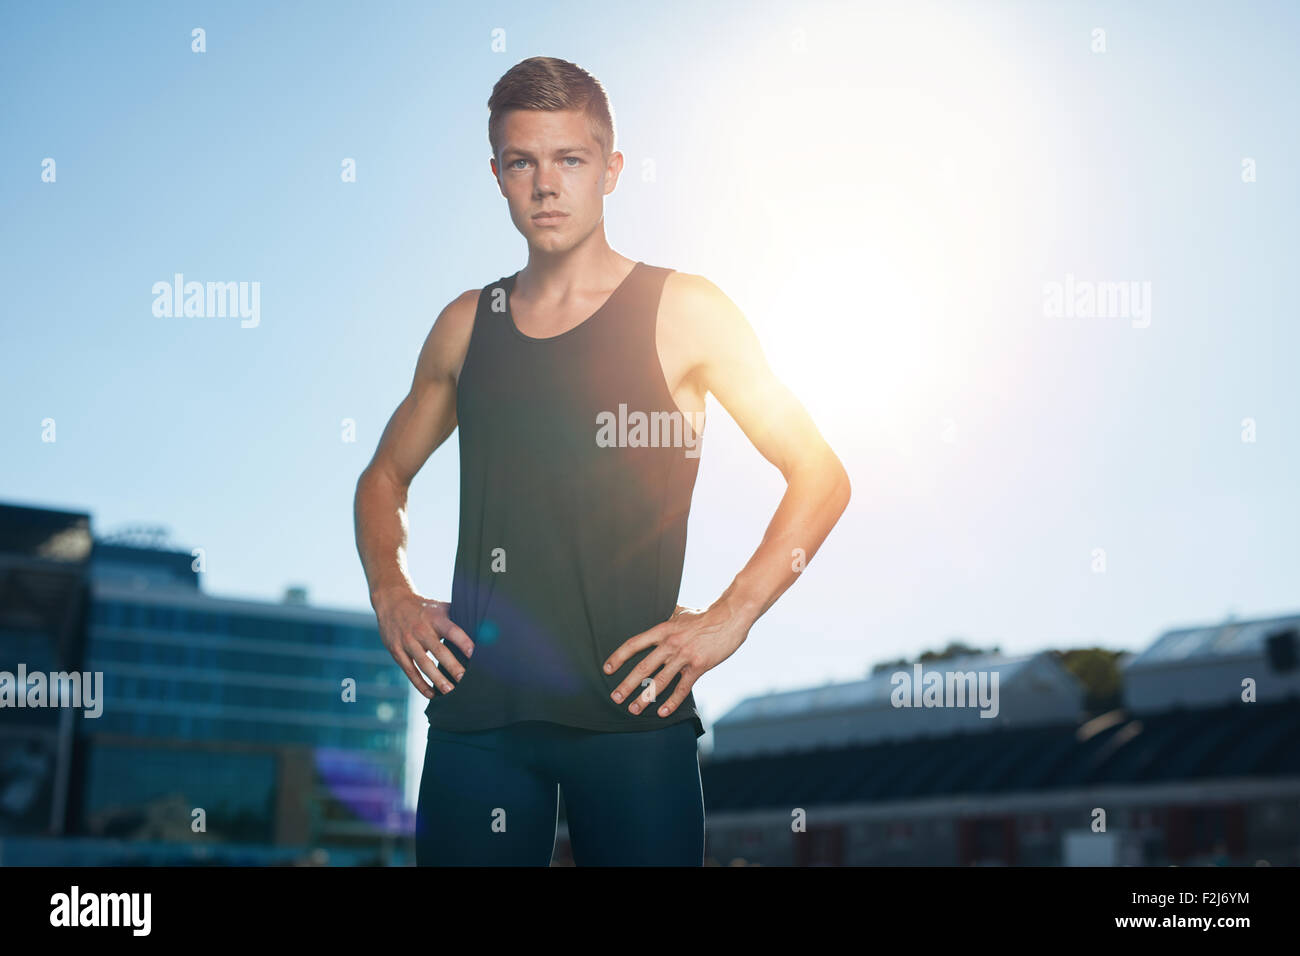 Disparó al aire libre del estadio joven en preparación para una carrera. Atleta Masculino profesional Imagen De Stock